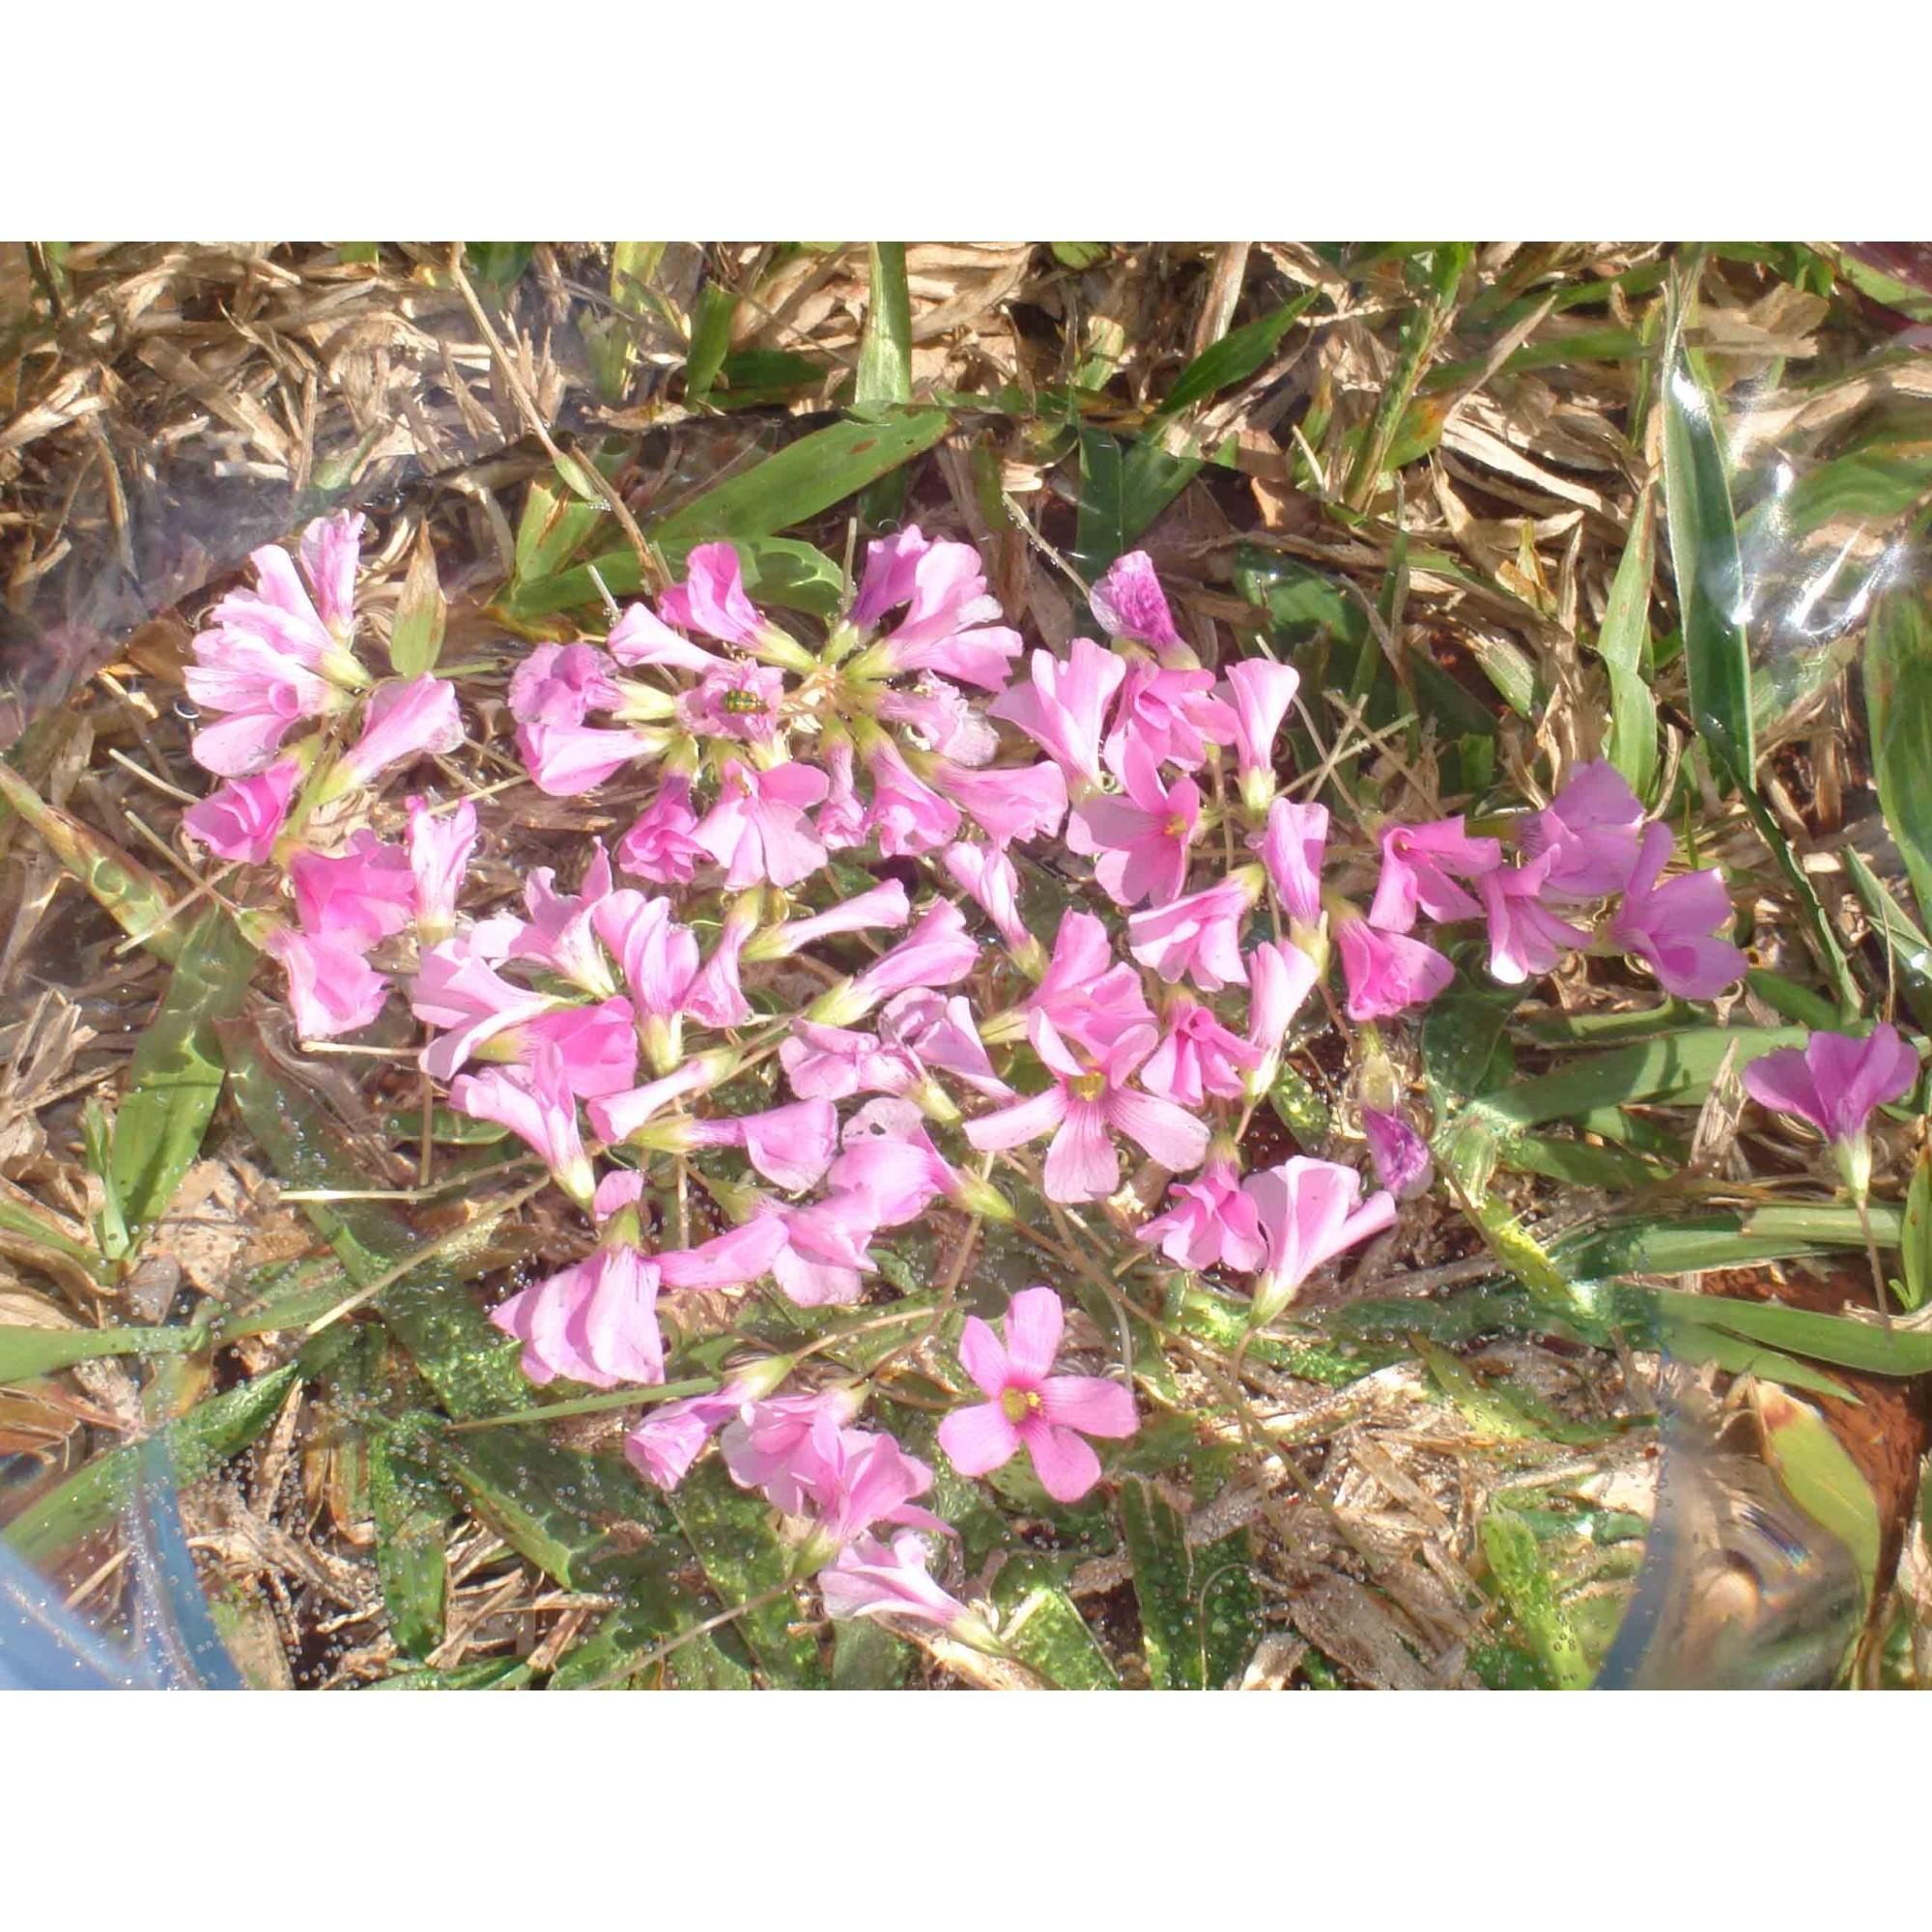 Compaixão - Azas Florais - 10 ml  - Floressência